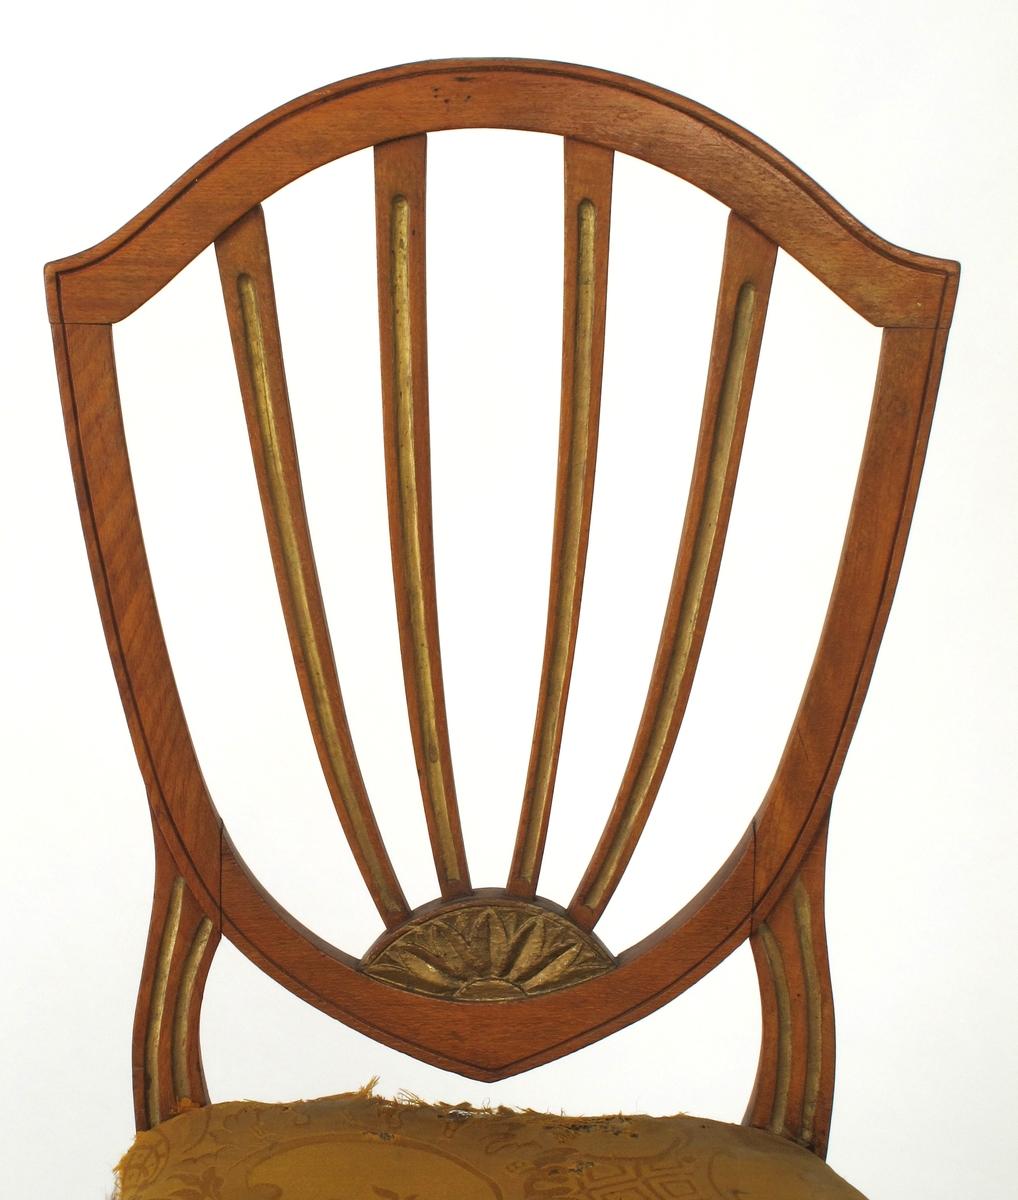 """Stol. Beiset og polert bøk.  Setet stoppet på striebånd og trukket med gul ulldamask (utslitt). Rygg ekte Hepplewhite, åpen, skjoldformet,  med """"skuldre"""", med 4 smale spiler som strekker seg opp av utskåren halvmåneformet rosett nederst i skjoldspissen. Smal sarg, rette ben, kvadratiske, avsmalnende, med liten tverrgående kil ved sargen. H-formet bindeledd mellom benene."""